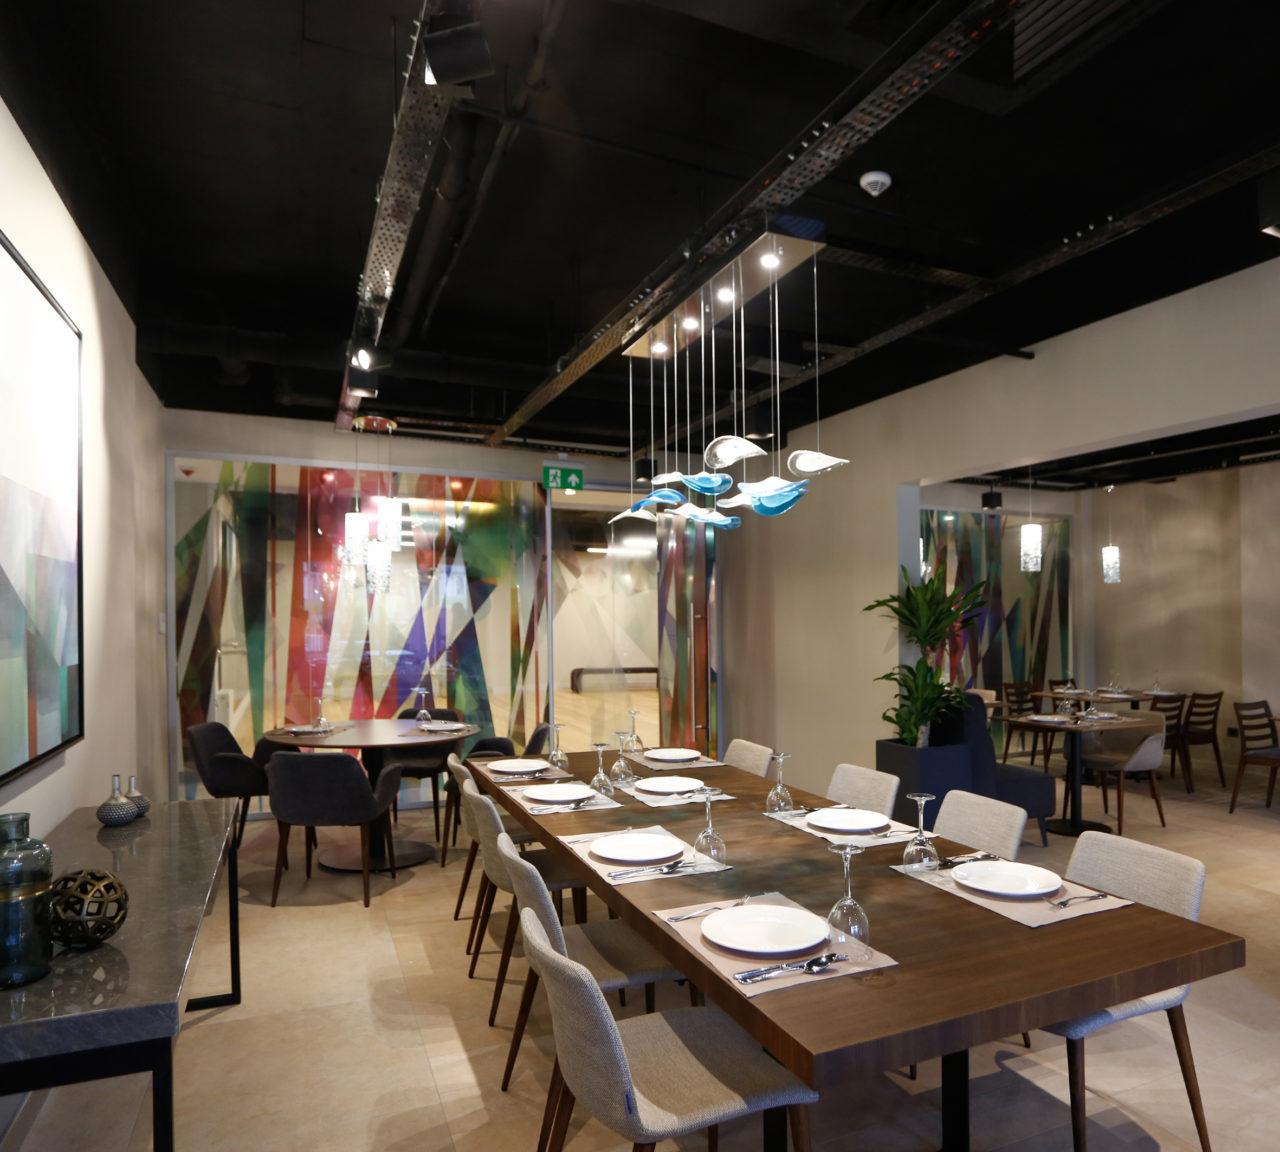 Antwell'in restoranı kişiselleştirilmiş menüler sunuyor. Ancak isteyen üyeler mutfaklarında kendi yemeklerini yapabilecek.